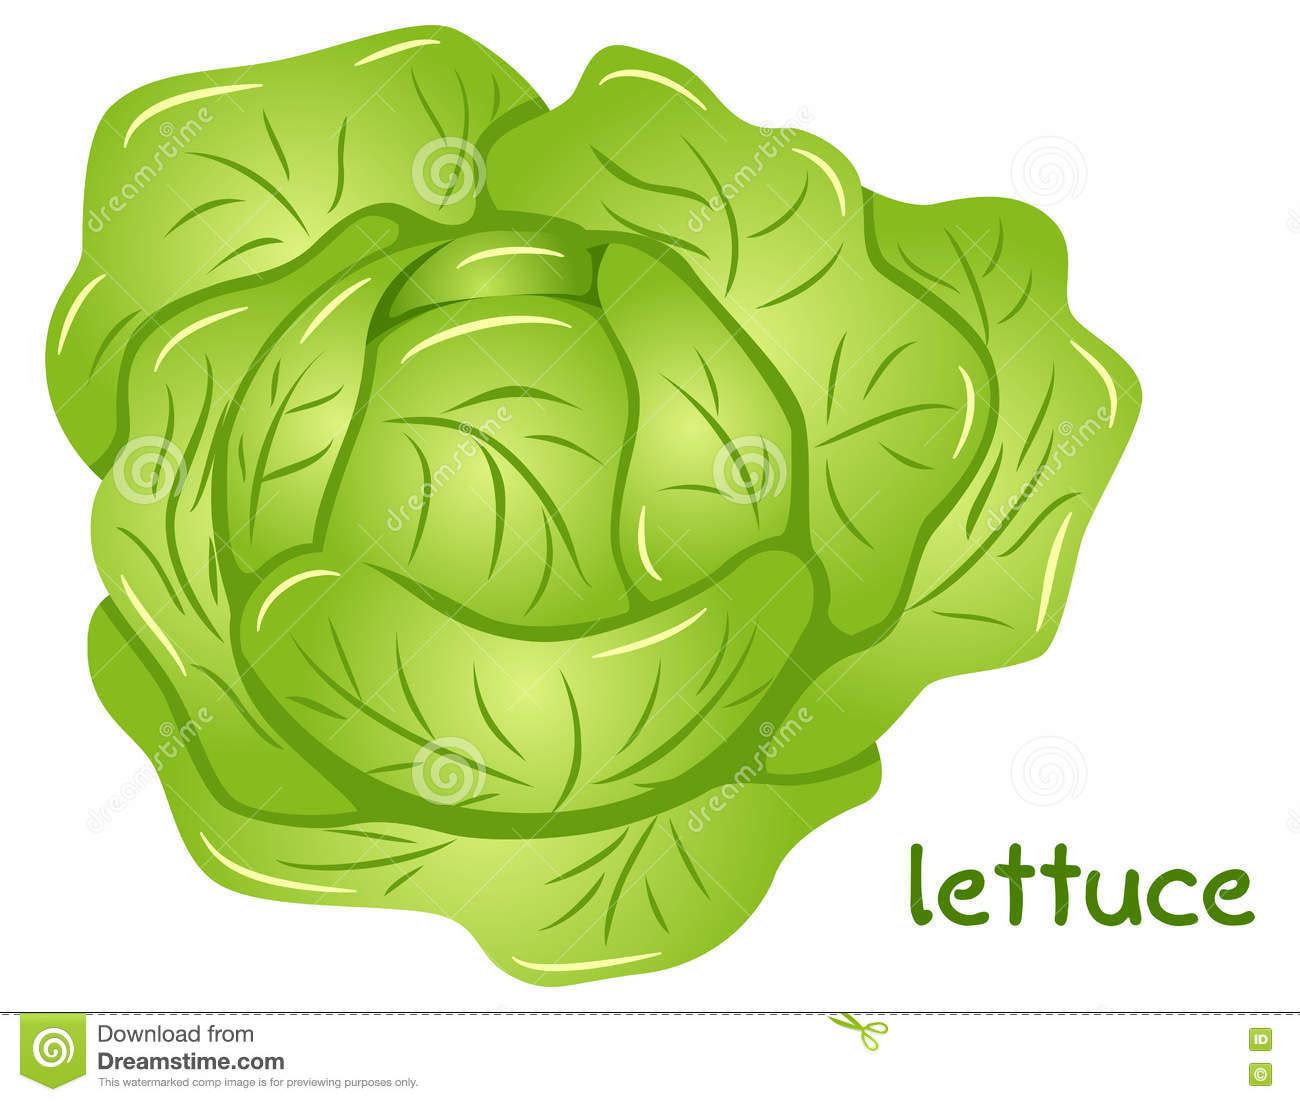 Lettuce clipart head lettuce #2